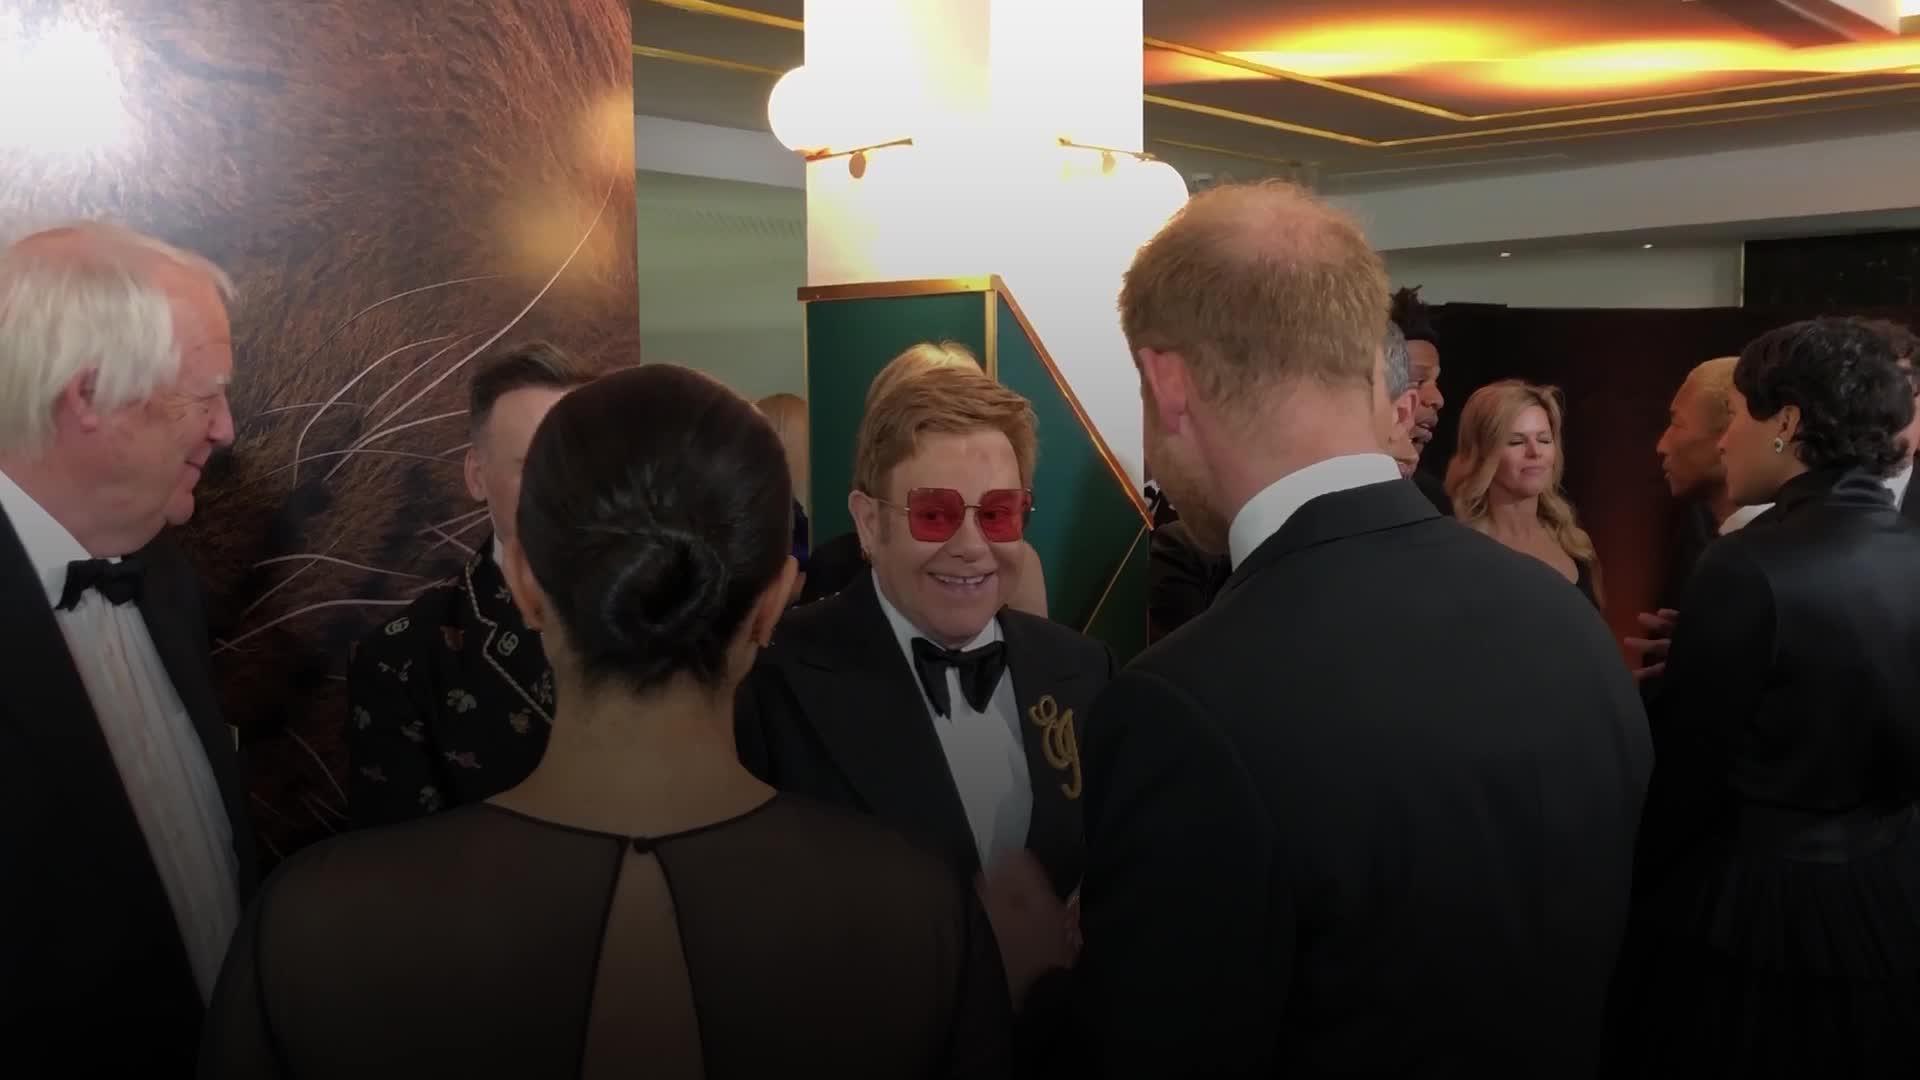 Elton John defends Meghan Markle and Prince Harry after private plane backlash